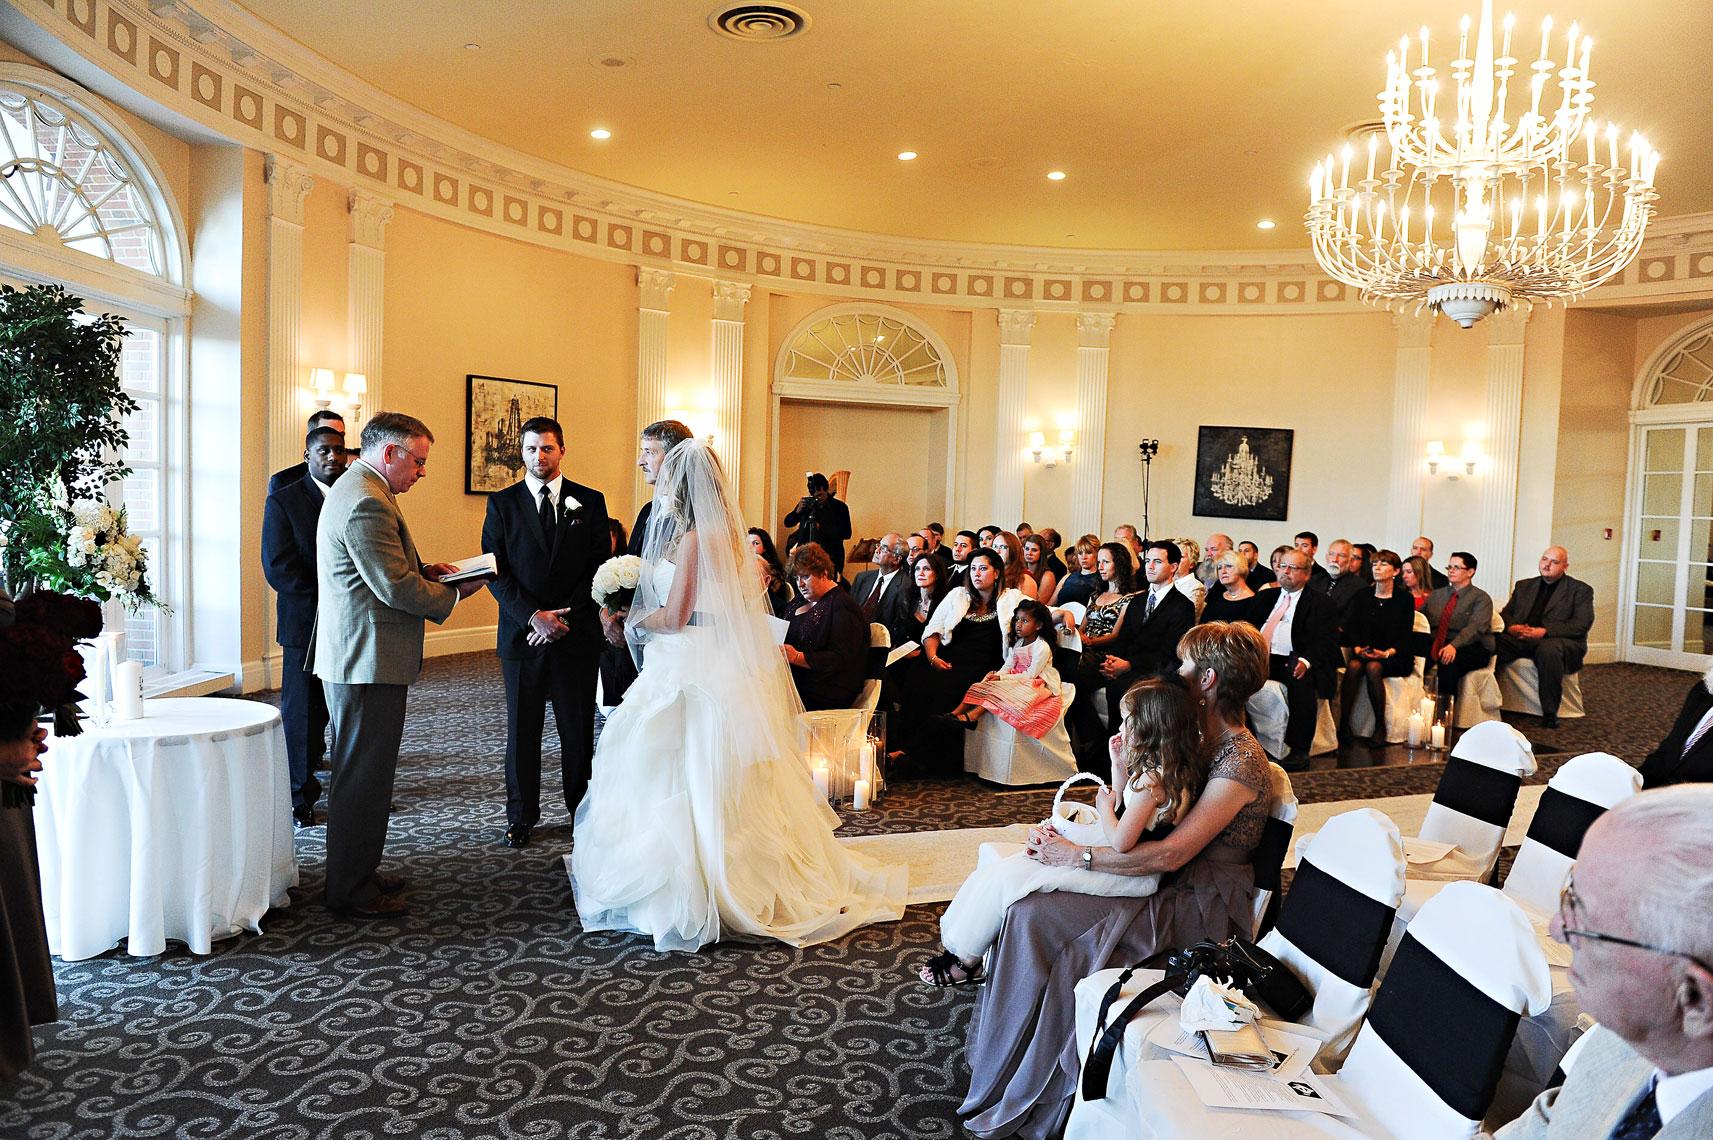 berkeleyoceanfrontwedding-084